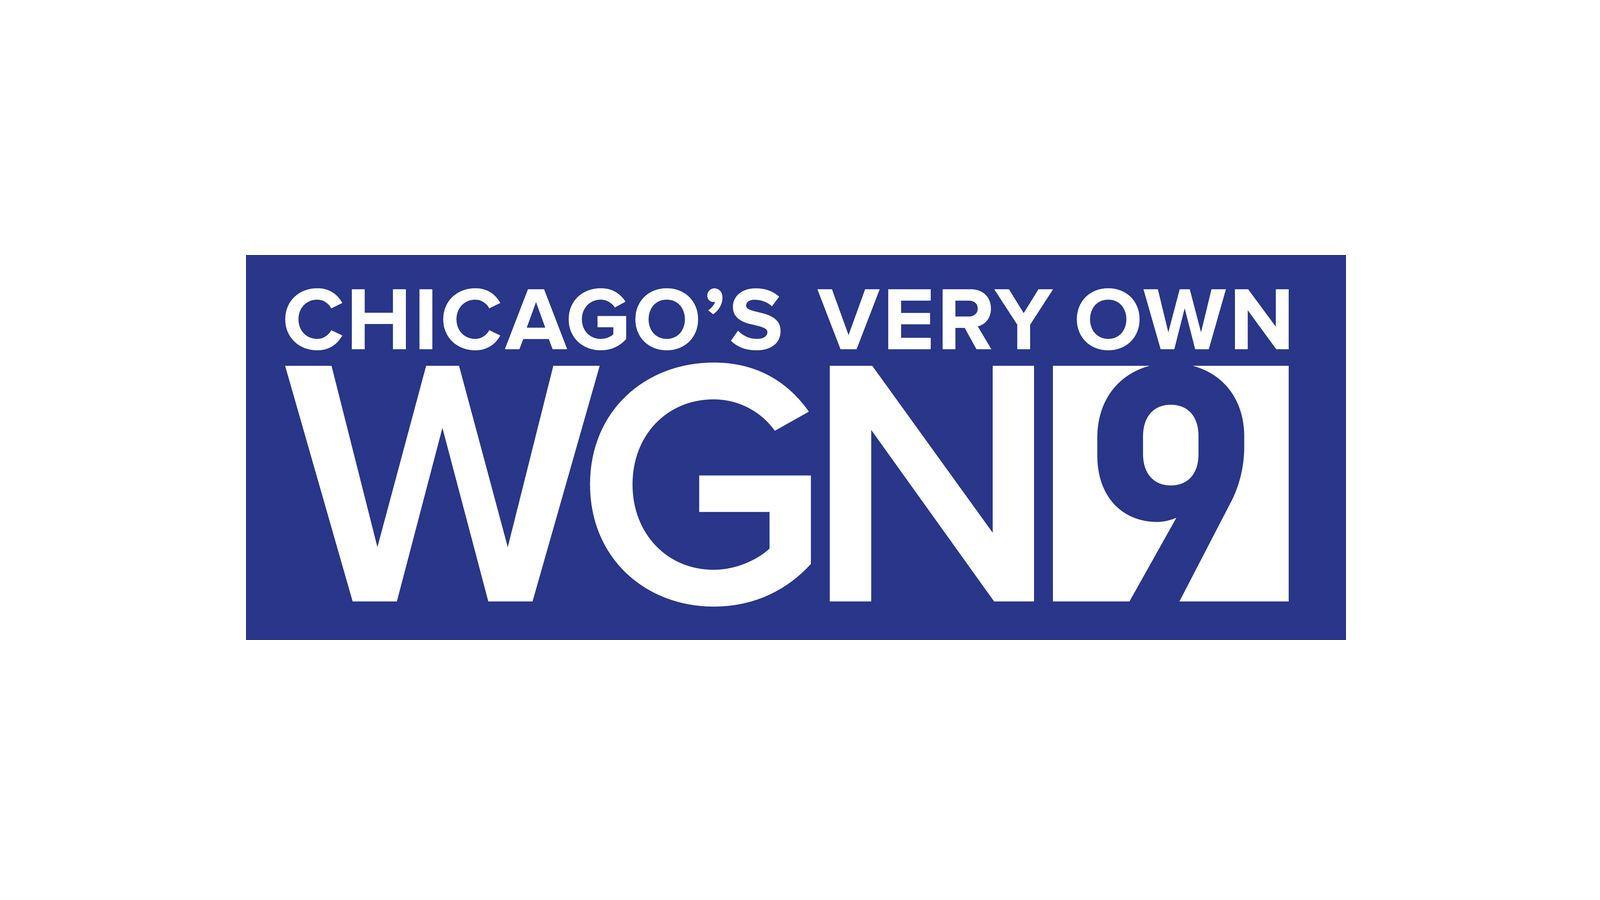 WGN9 Chicago